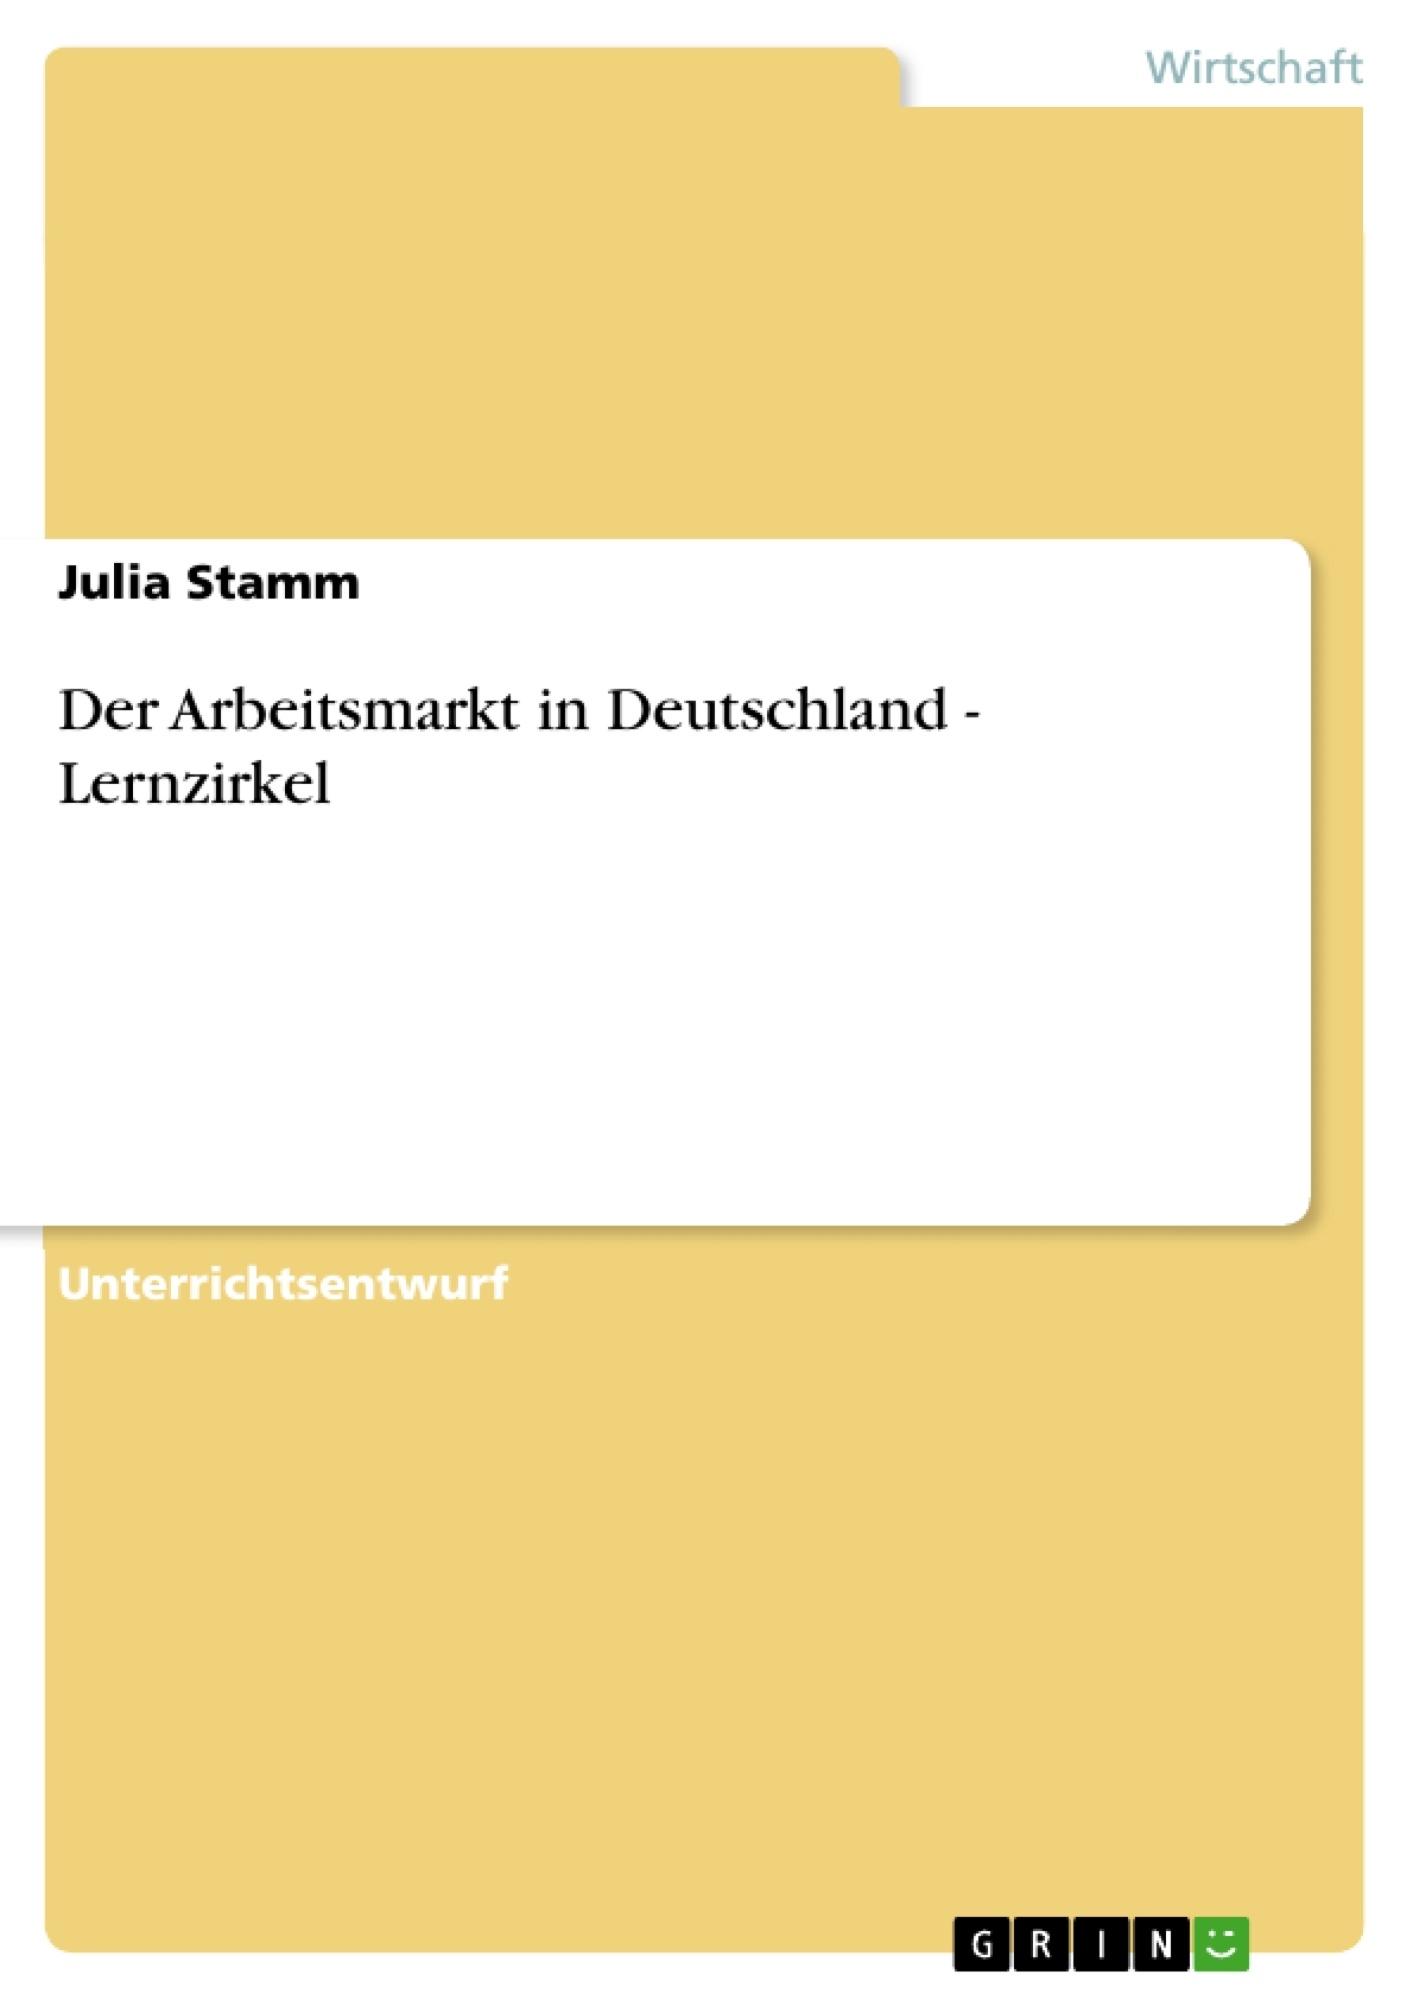 Titel: Der Arbeitsmarkt in Deutschland - Lernzirkel